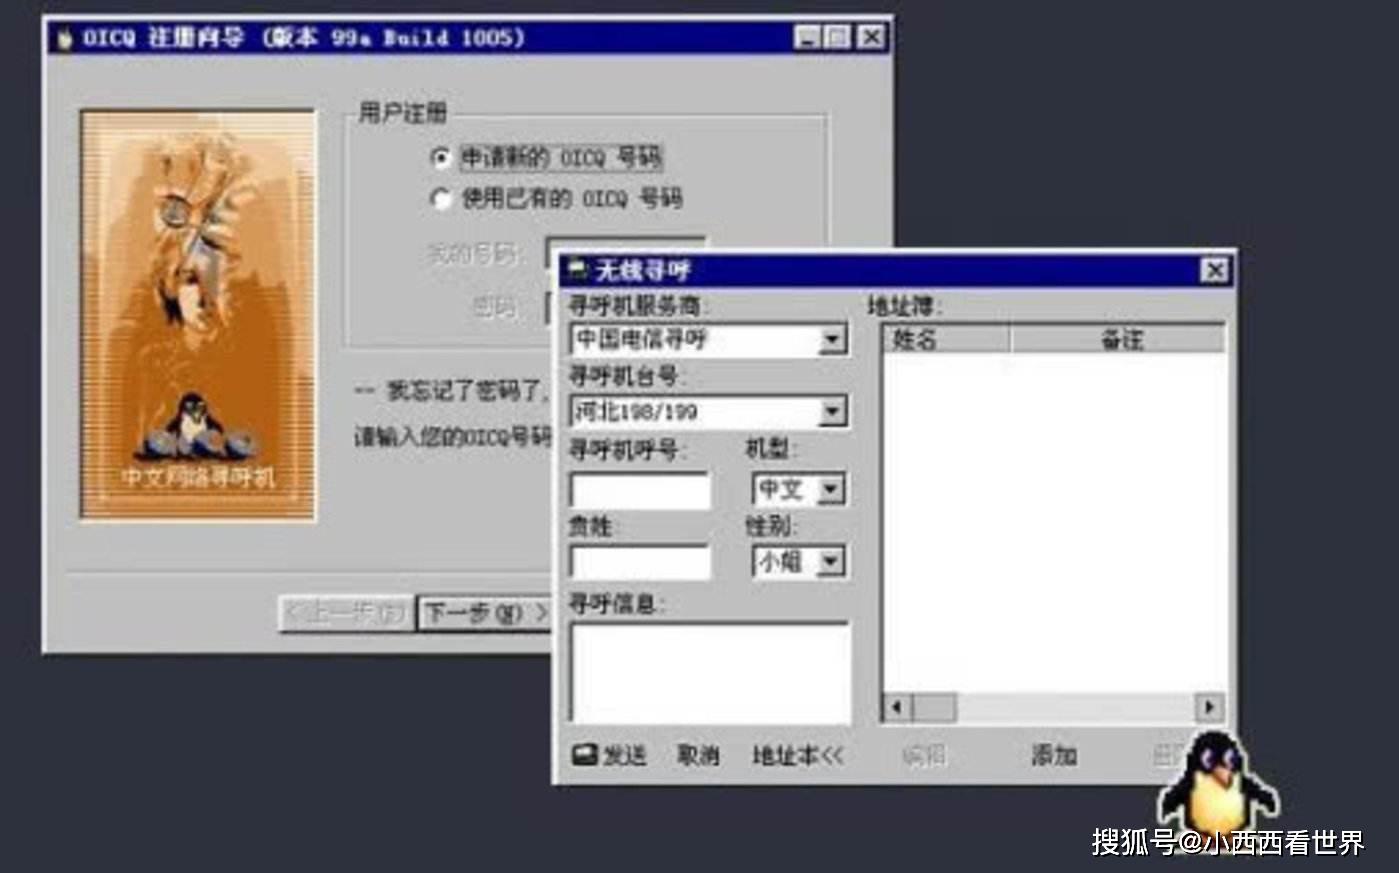 騰訊公關總監自曝6位號的QQ丟了七位號用到現在_發展